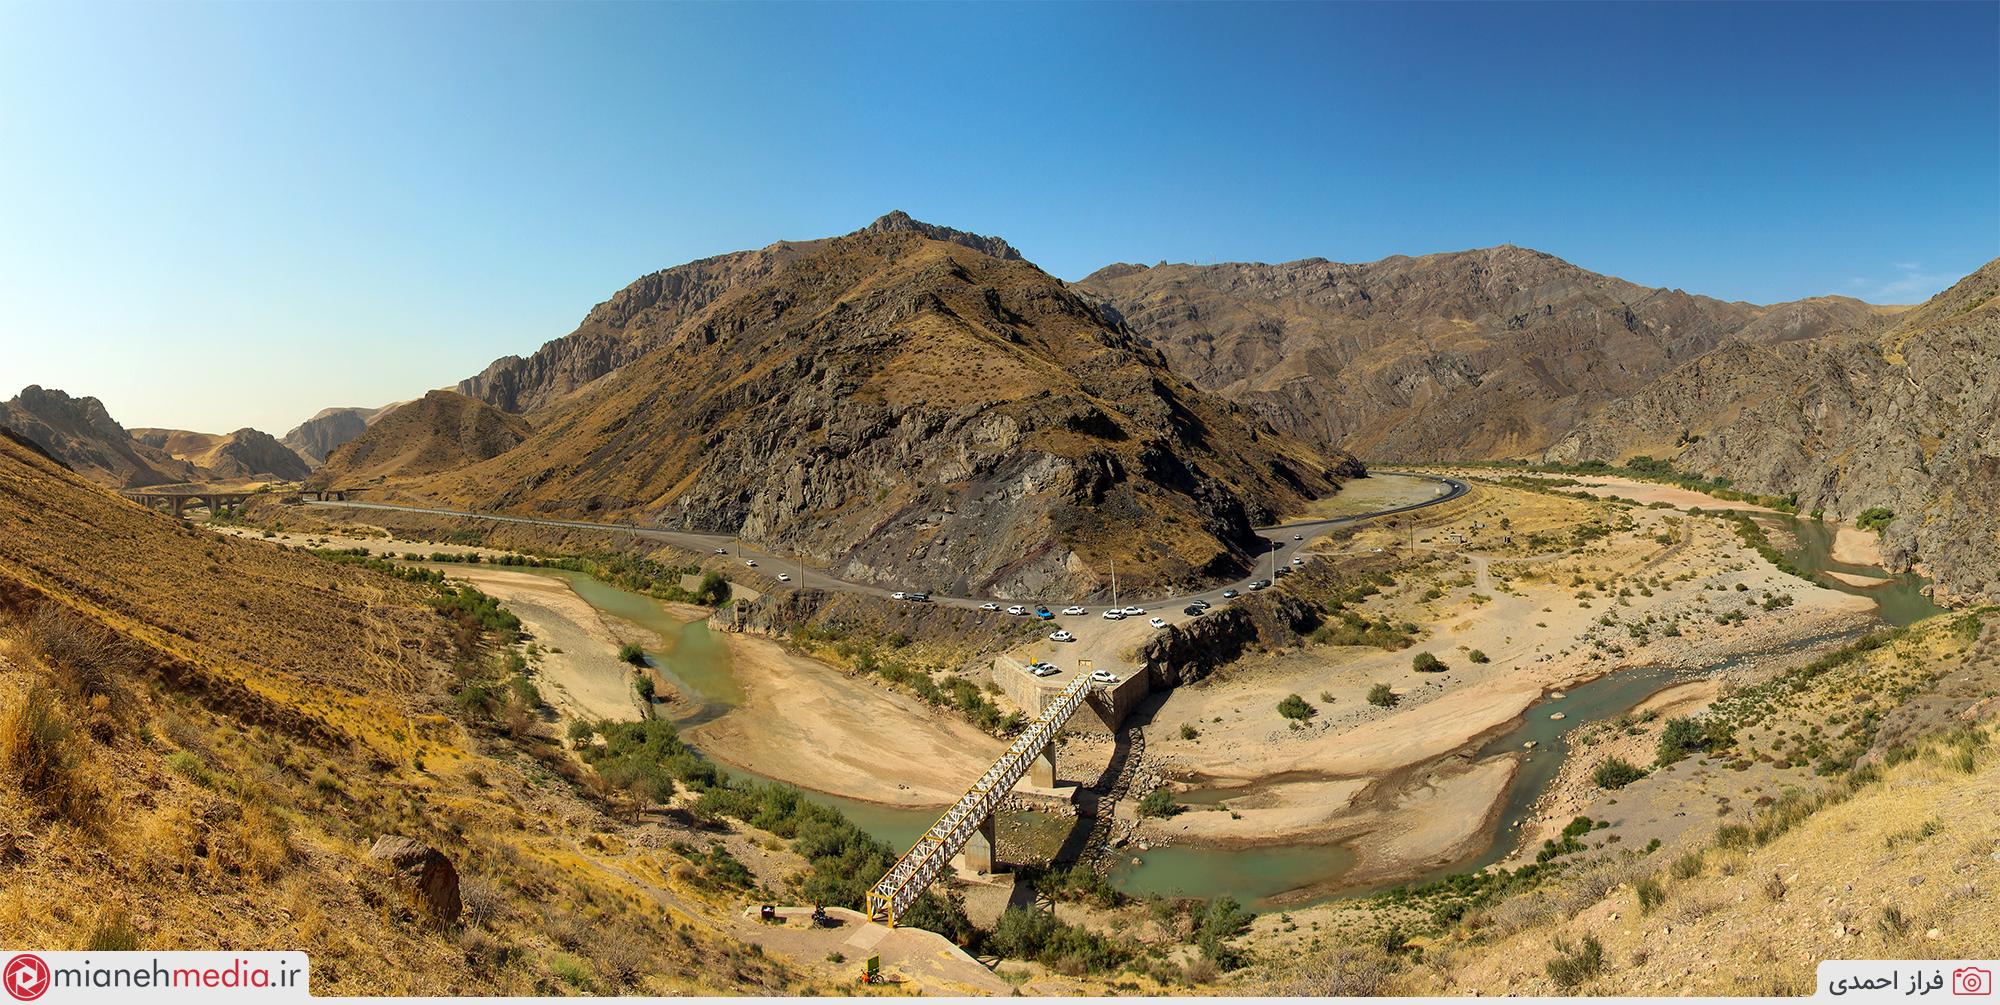 پل کوهنوردی گچلیک (چاخار)